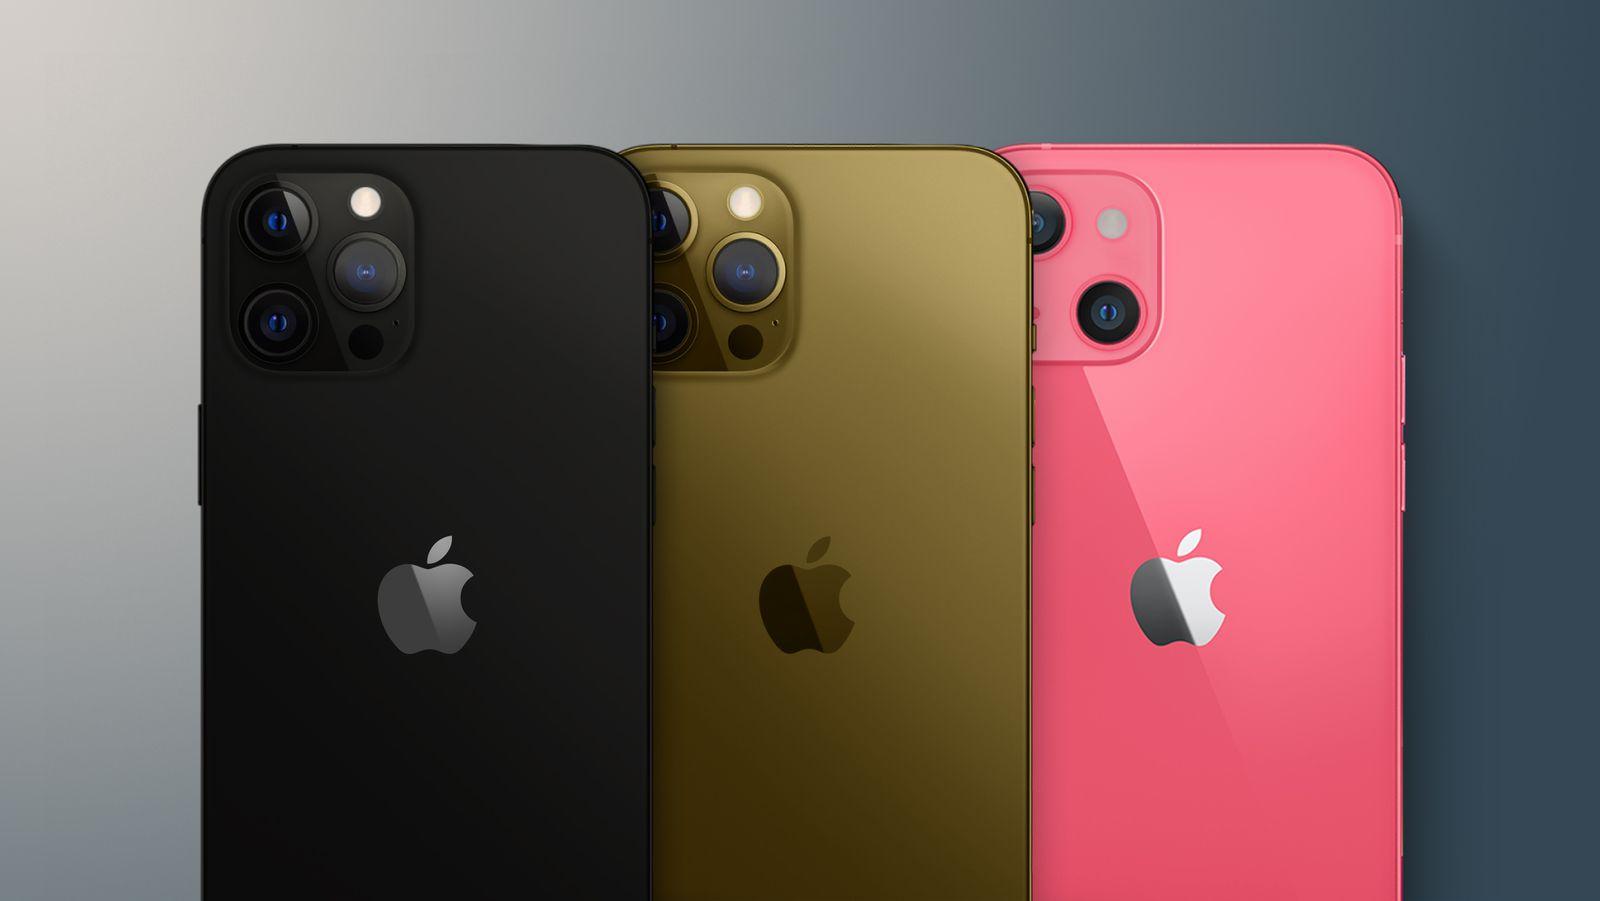 حواشی معرفی آیفون 13: سامسونگ، اپل را به تمسخر می گیرد!